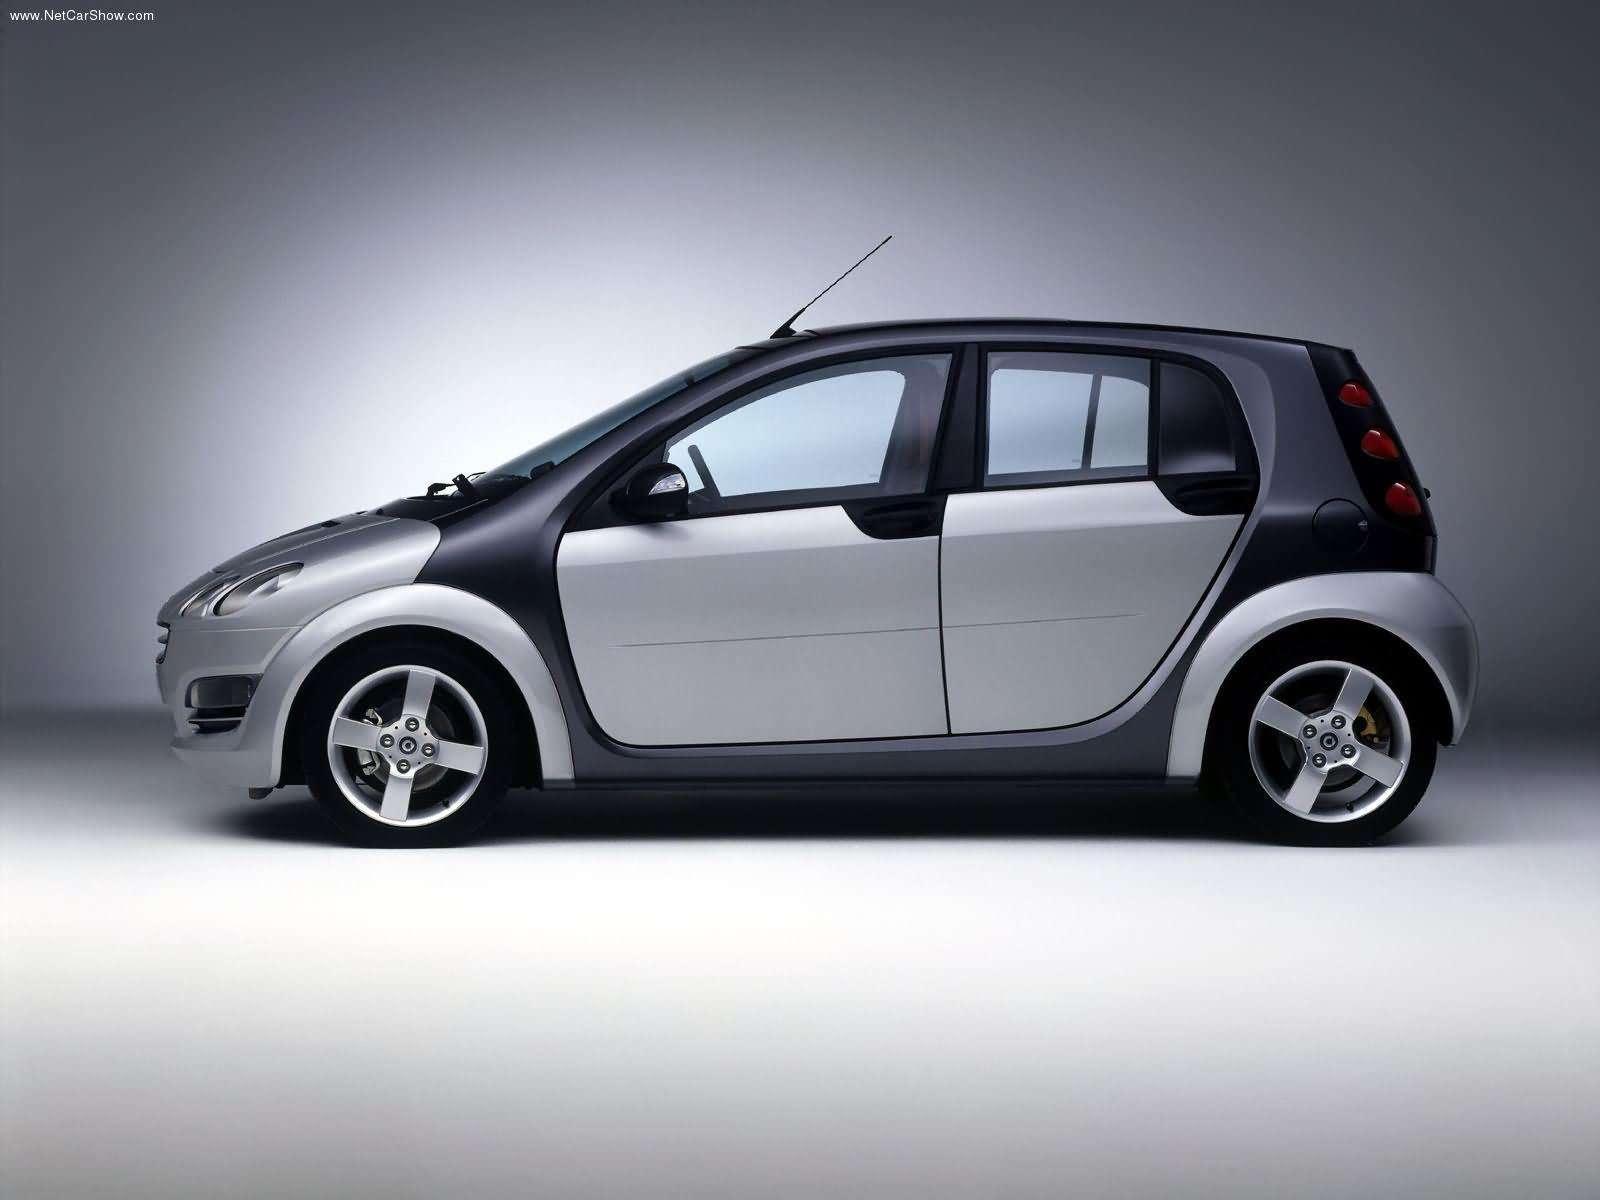 Hình ảnh xe ô tô Smart forfour 2004 & nội ngoại thất